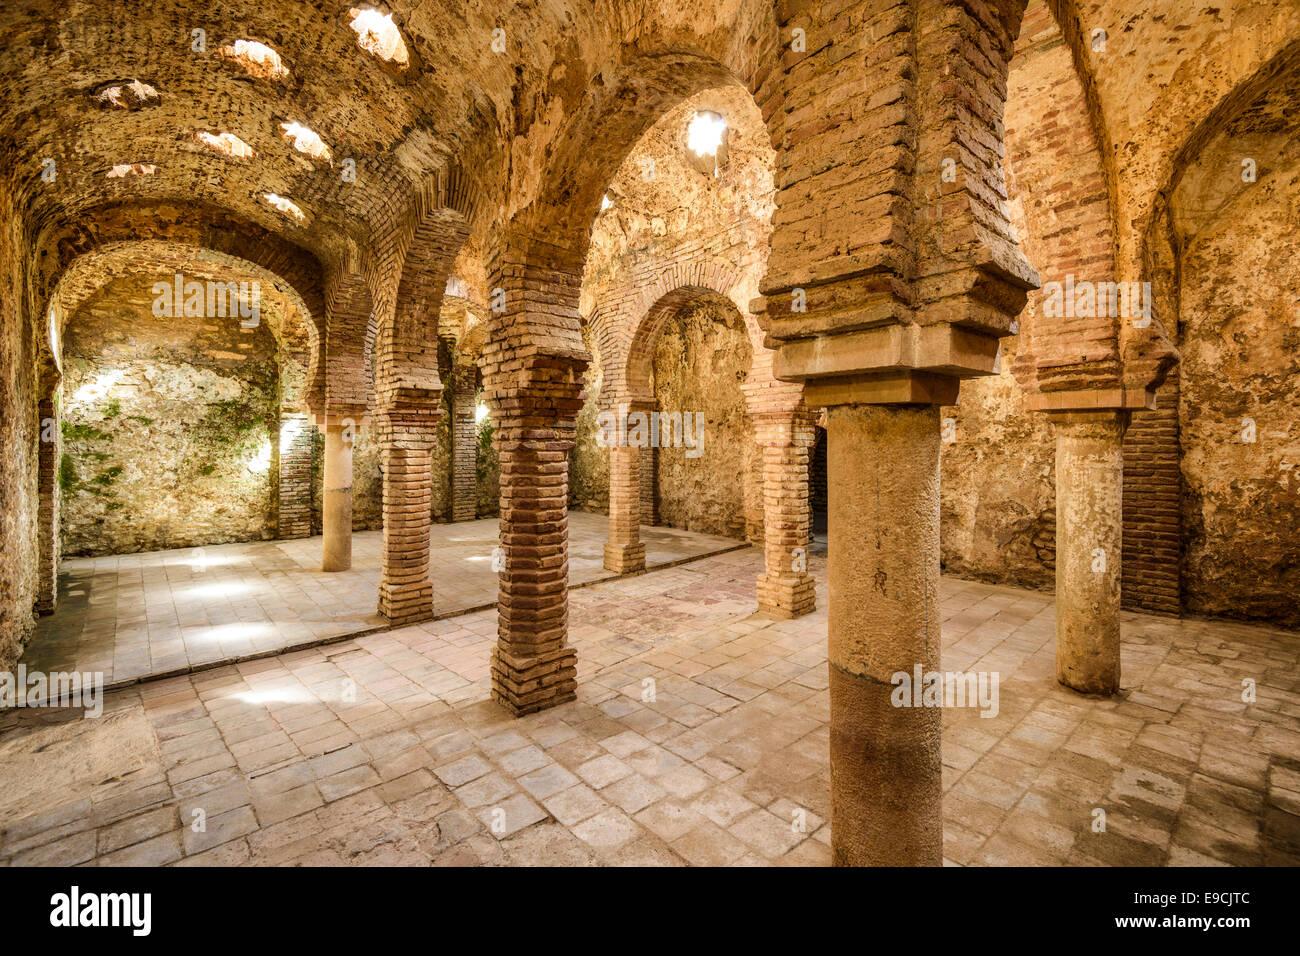 Ronda, Spanien an die arabischen Bäder aus dem 11.-12. Jahrhundert. Stockbild